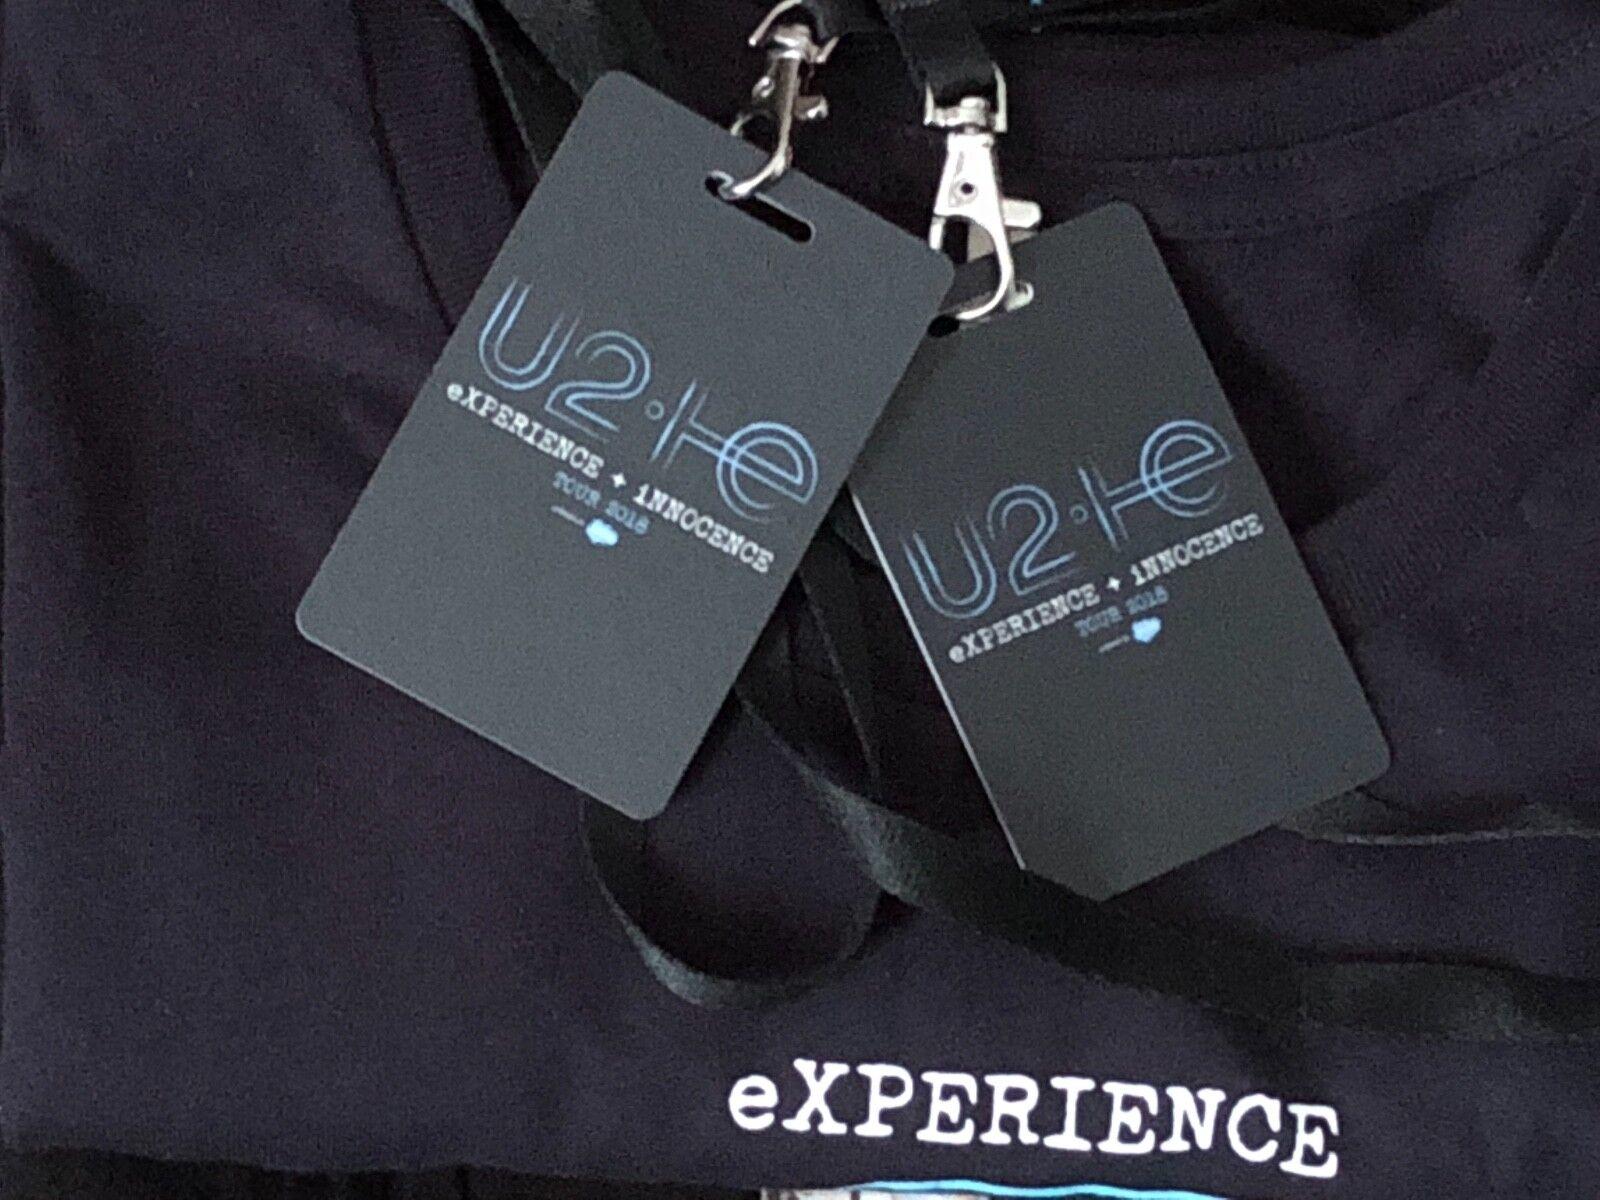 U2 Berlin 2 x Collectorticket, Unterrang PK5, Nachholkonzert 13.11.18 +1T-Shirt